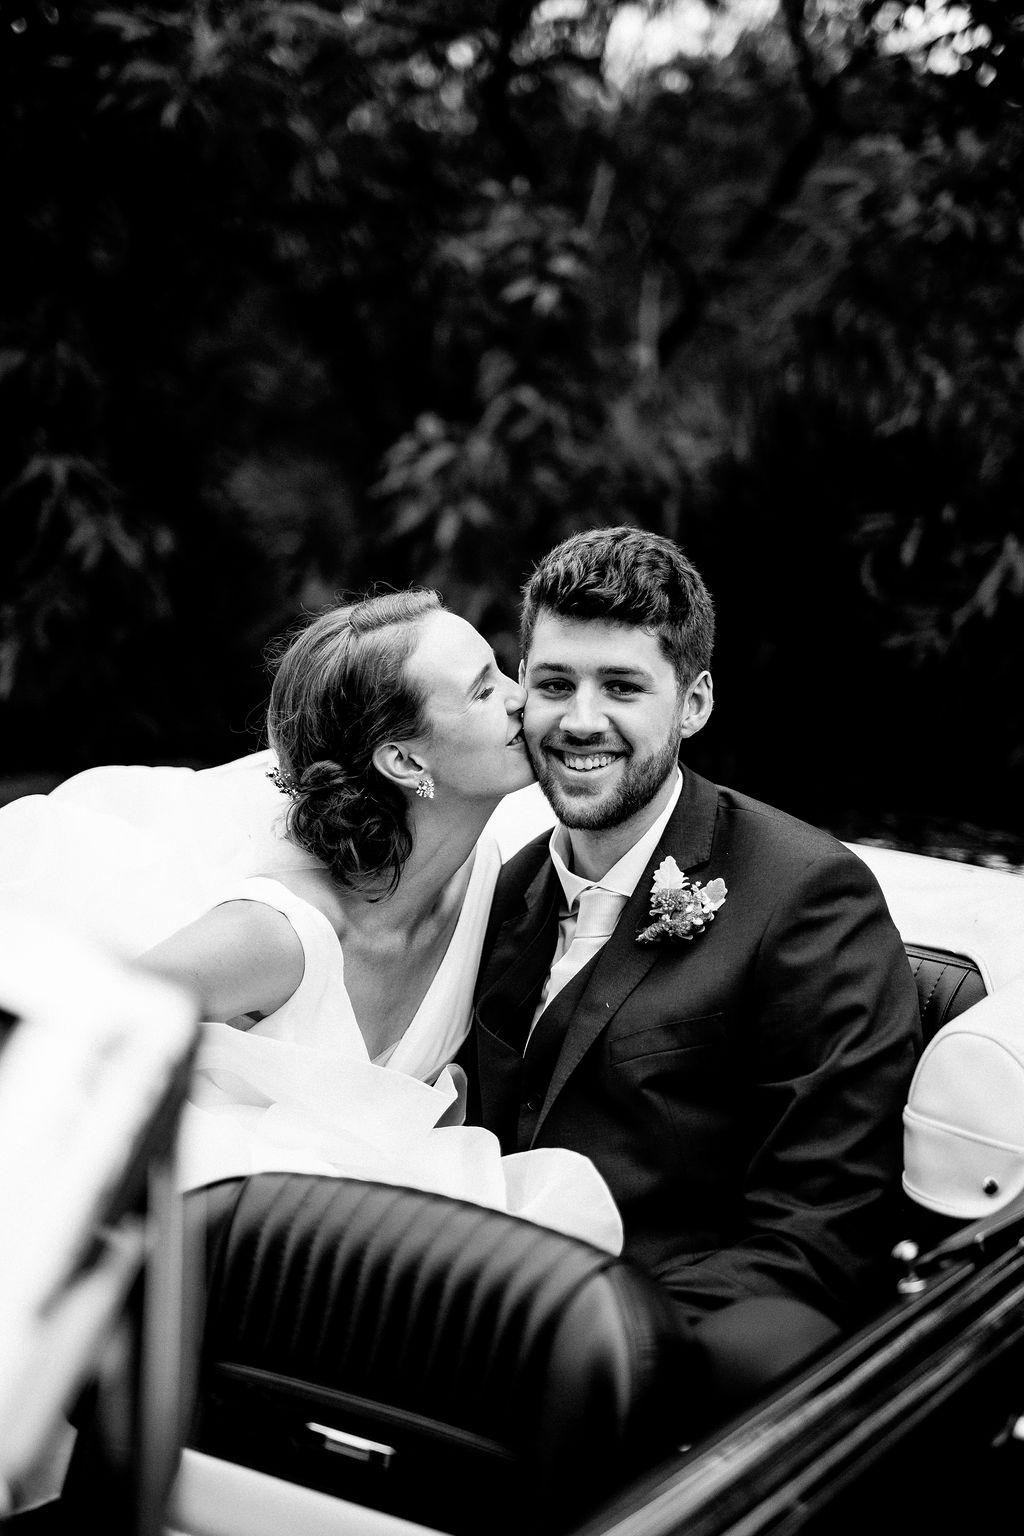 Dan&Courtney_Tyler_Antcliff_Photography-1105.jpg